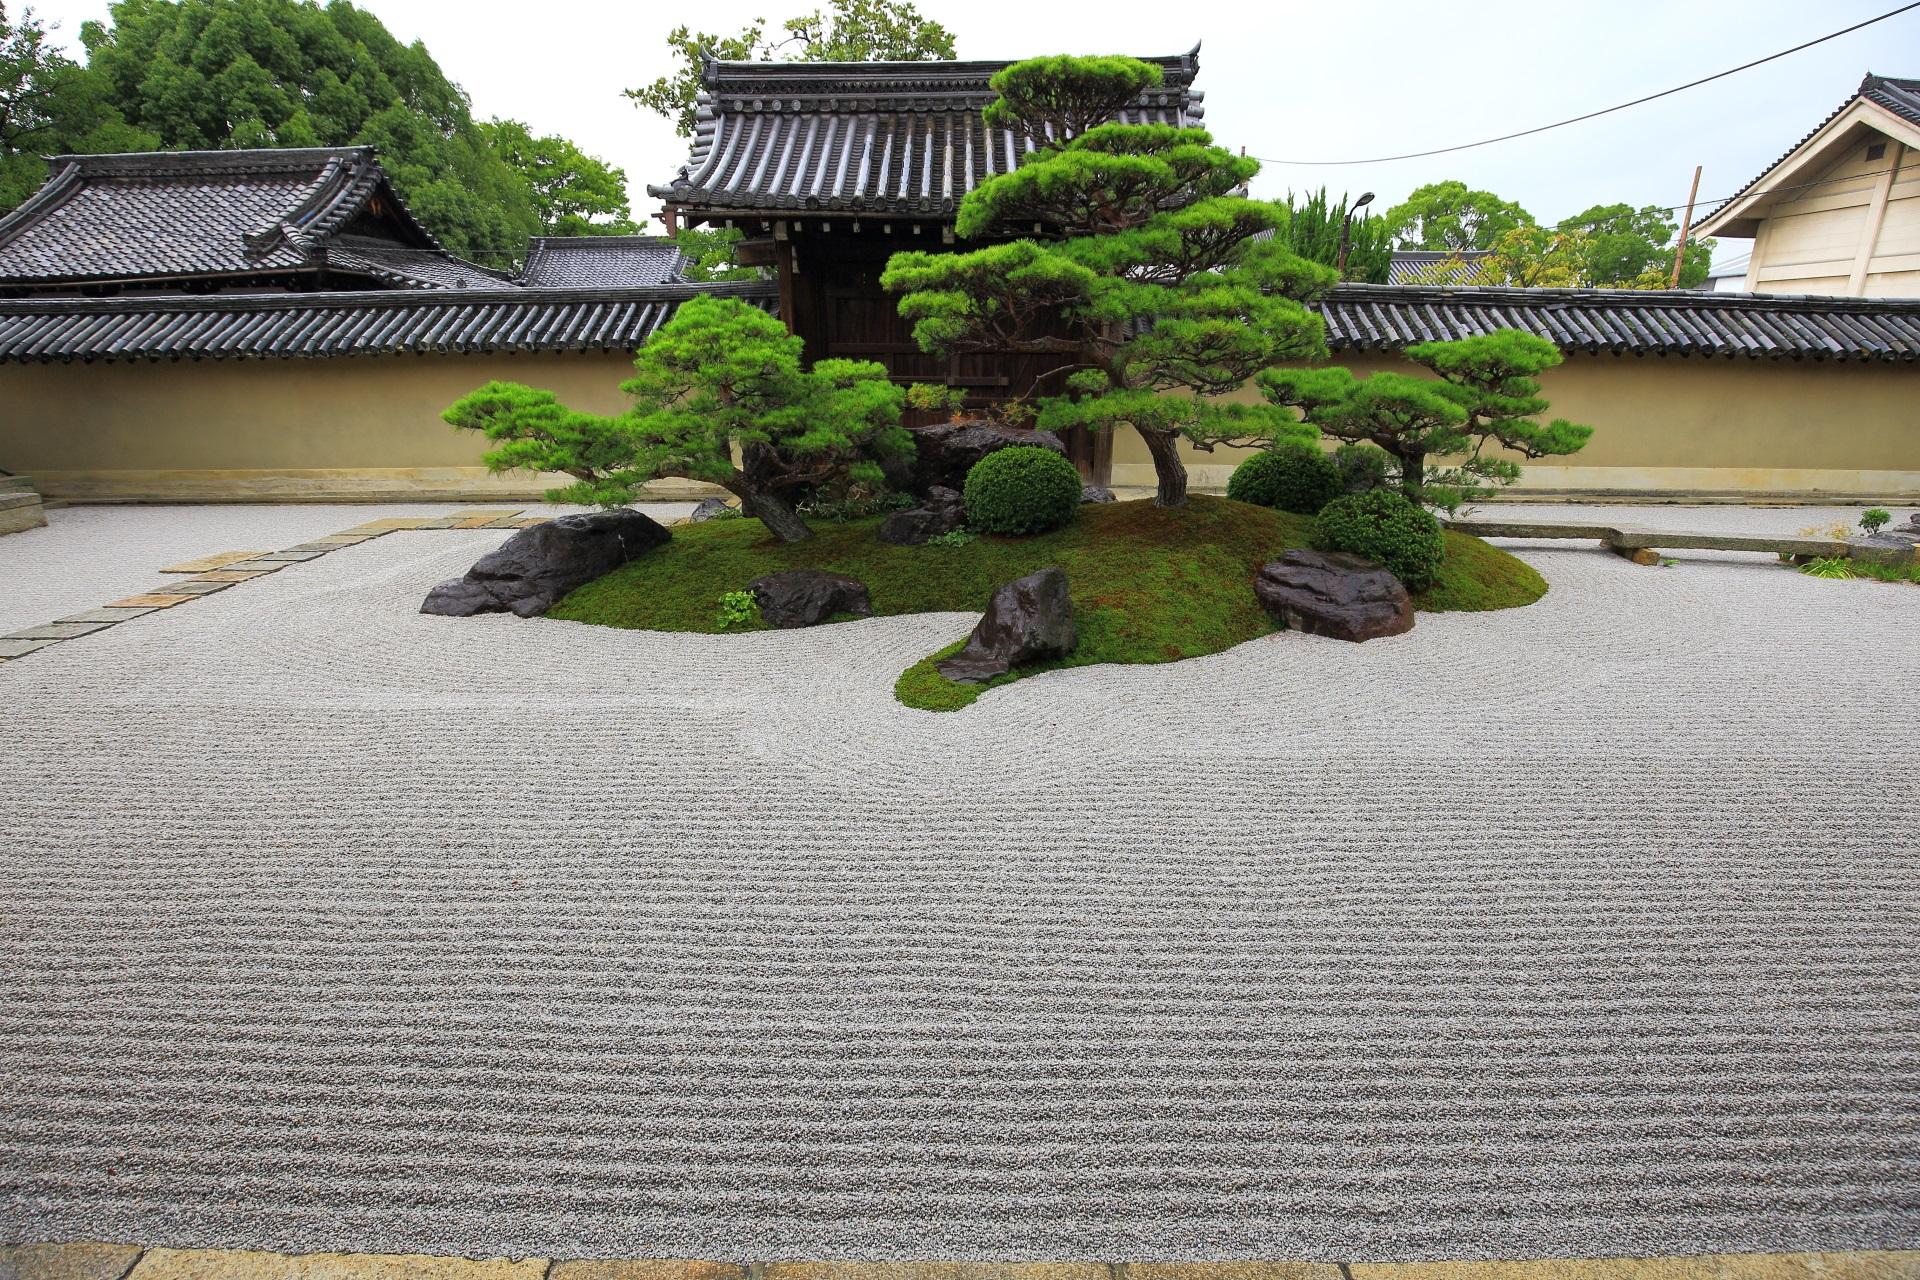 枯山水庭園の素晴らしい観智院(かんちいん)